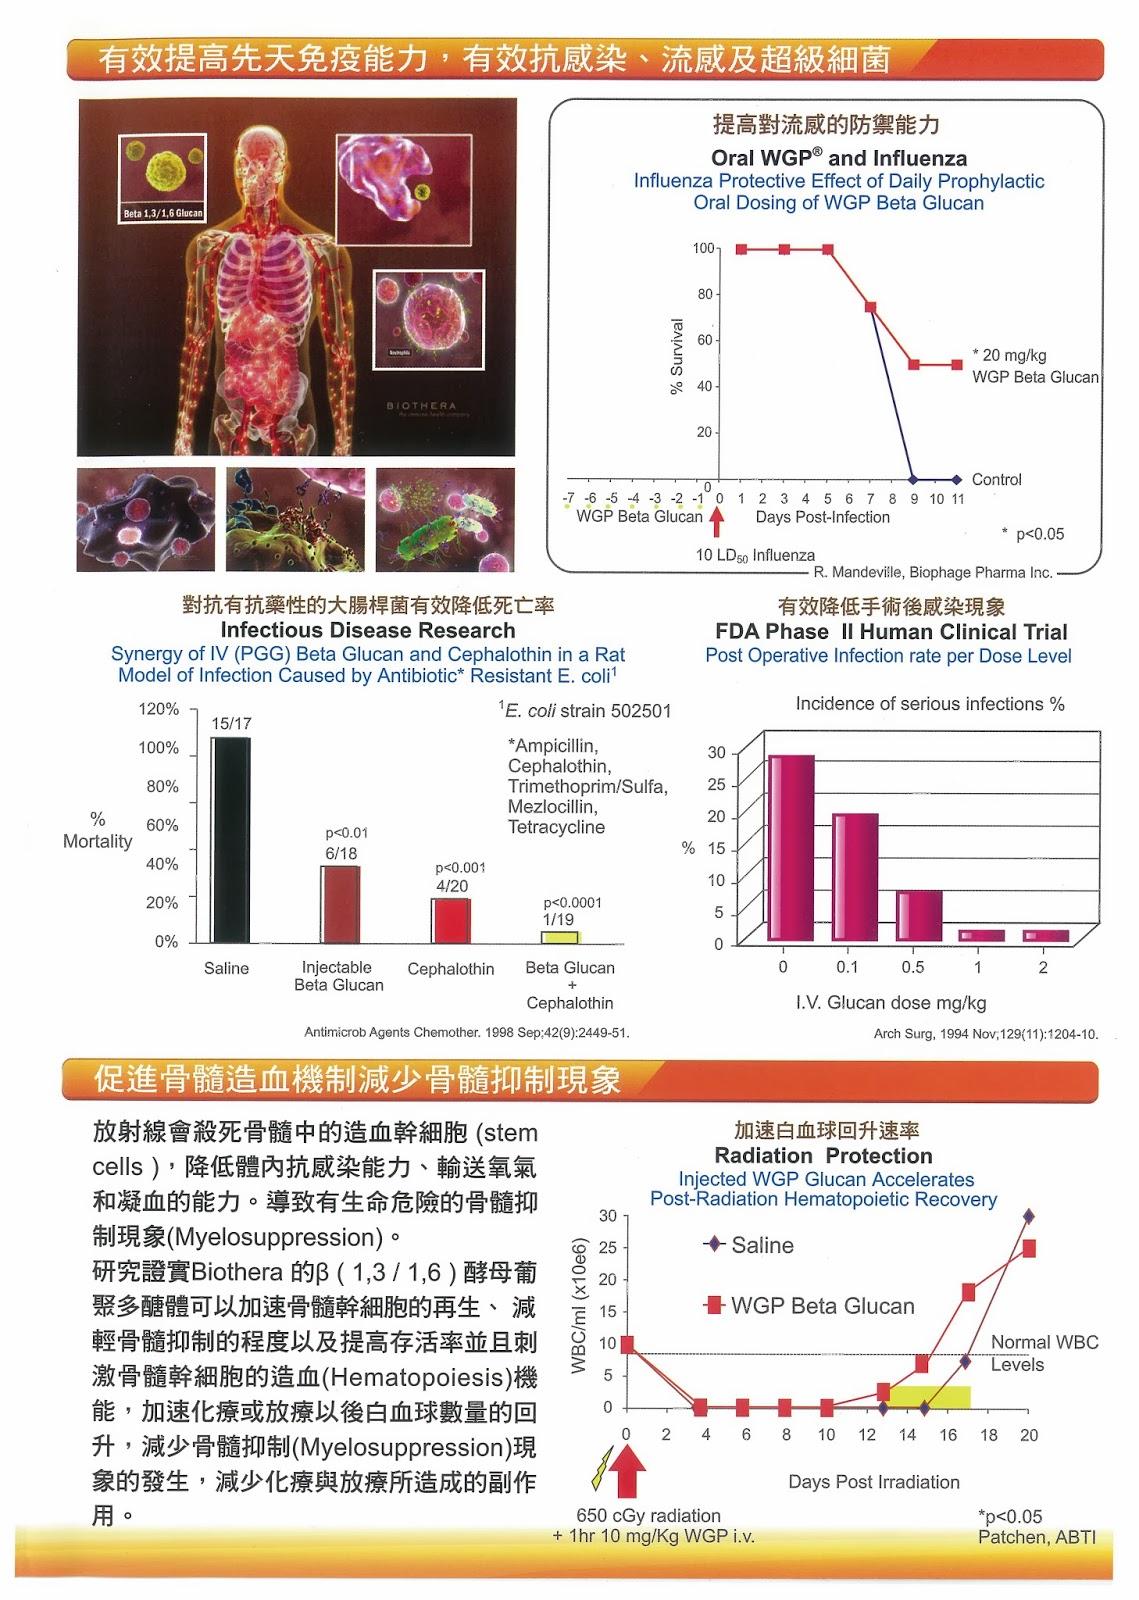 健康園地國際資訊分享交流: 酵母葡聚多醣體 WGP